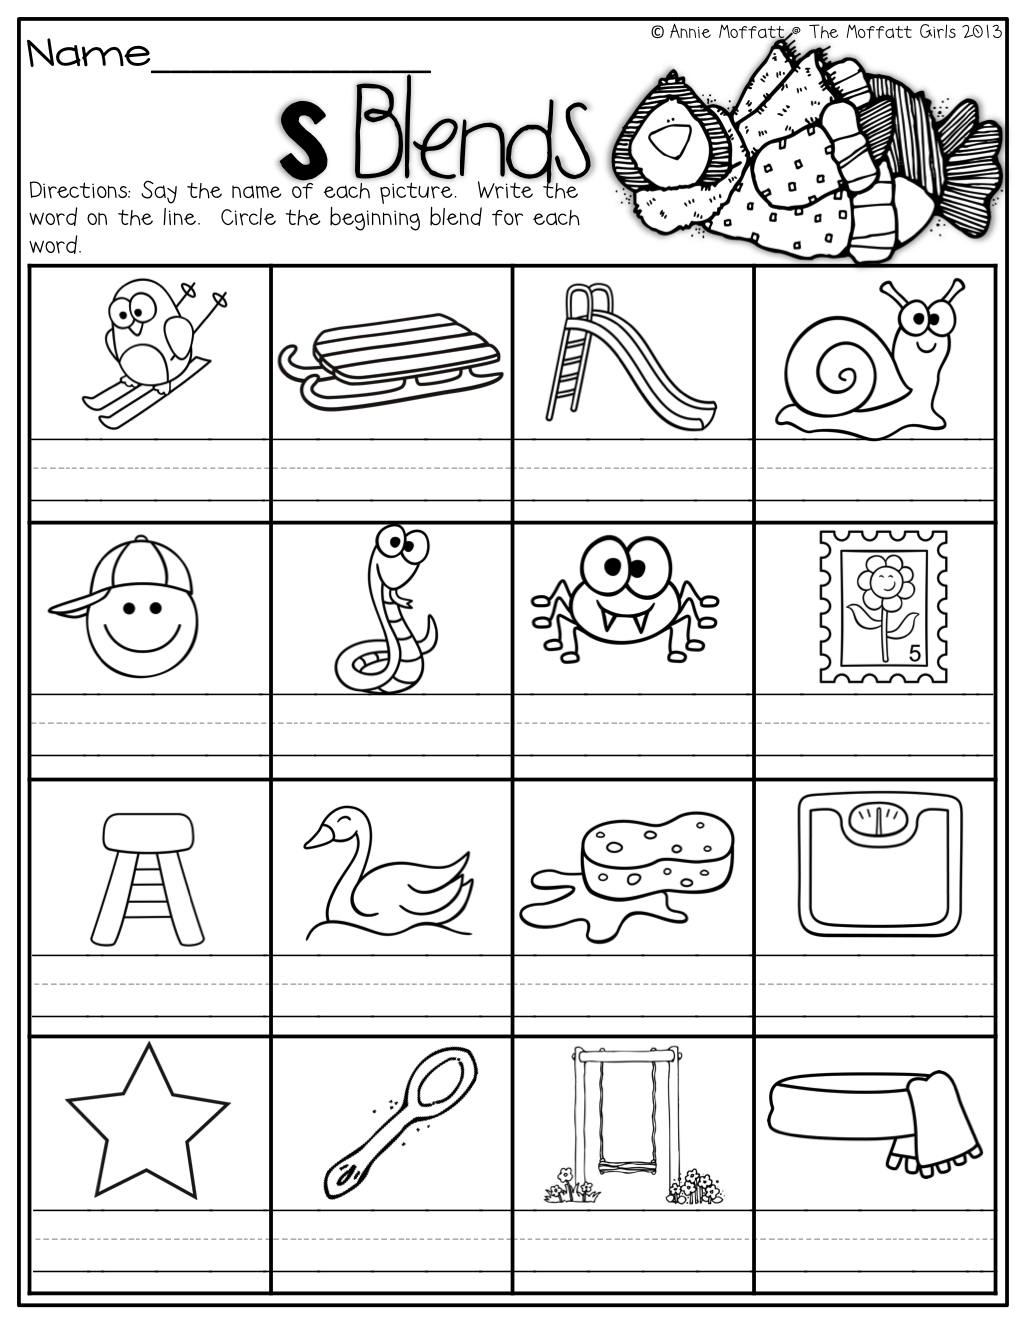 hight resolution of The Moffatt Girls: Winter Math and Literacy Packet (First Grade)   Blends  worksheets